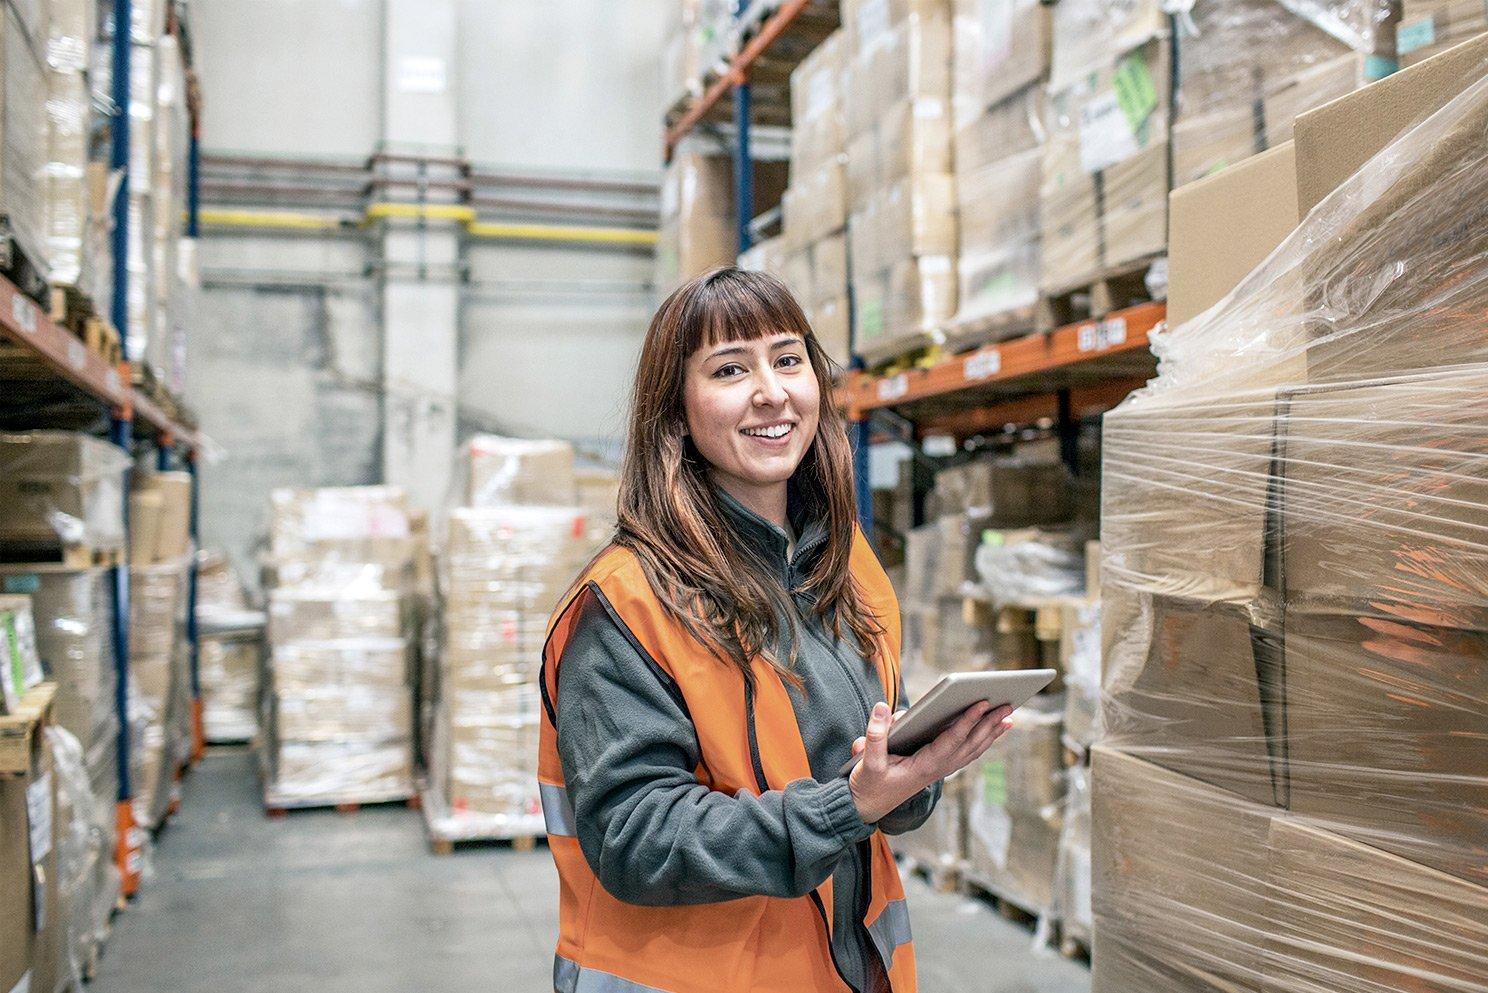 Comunicación Interna para entornos de logística